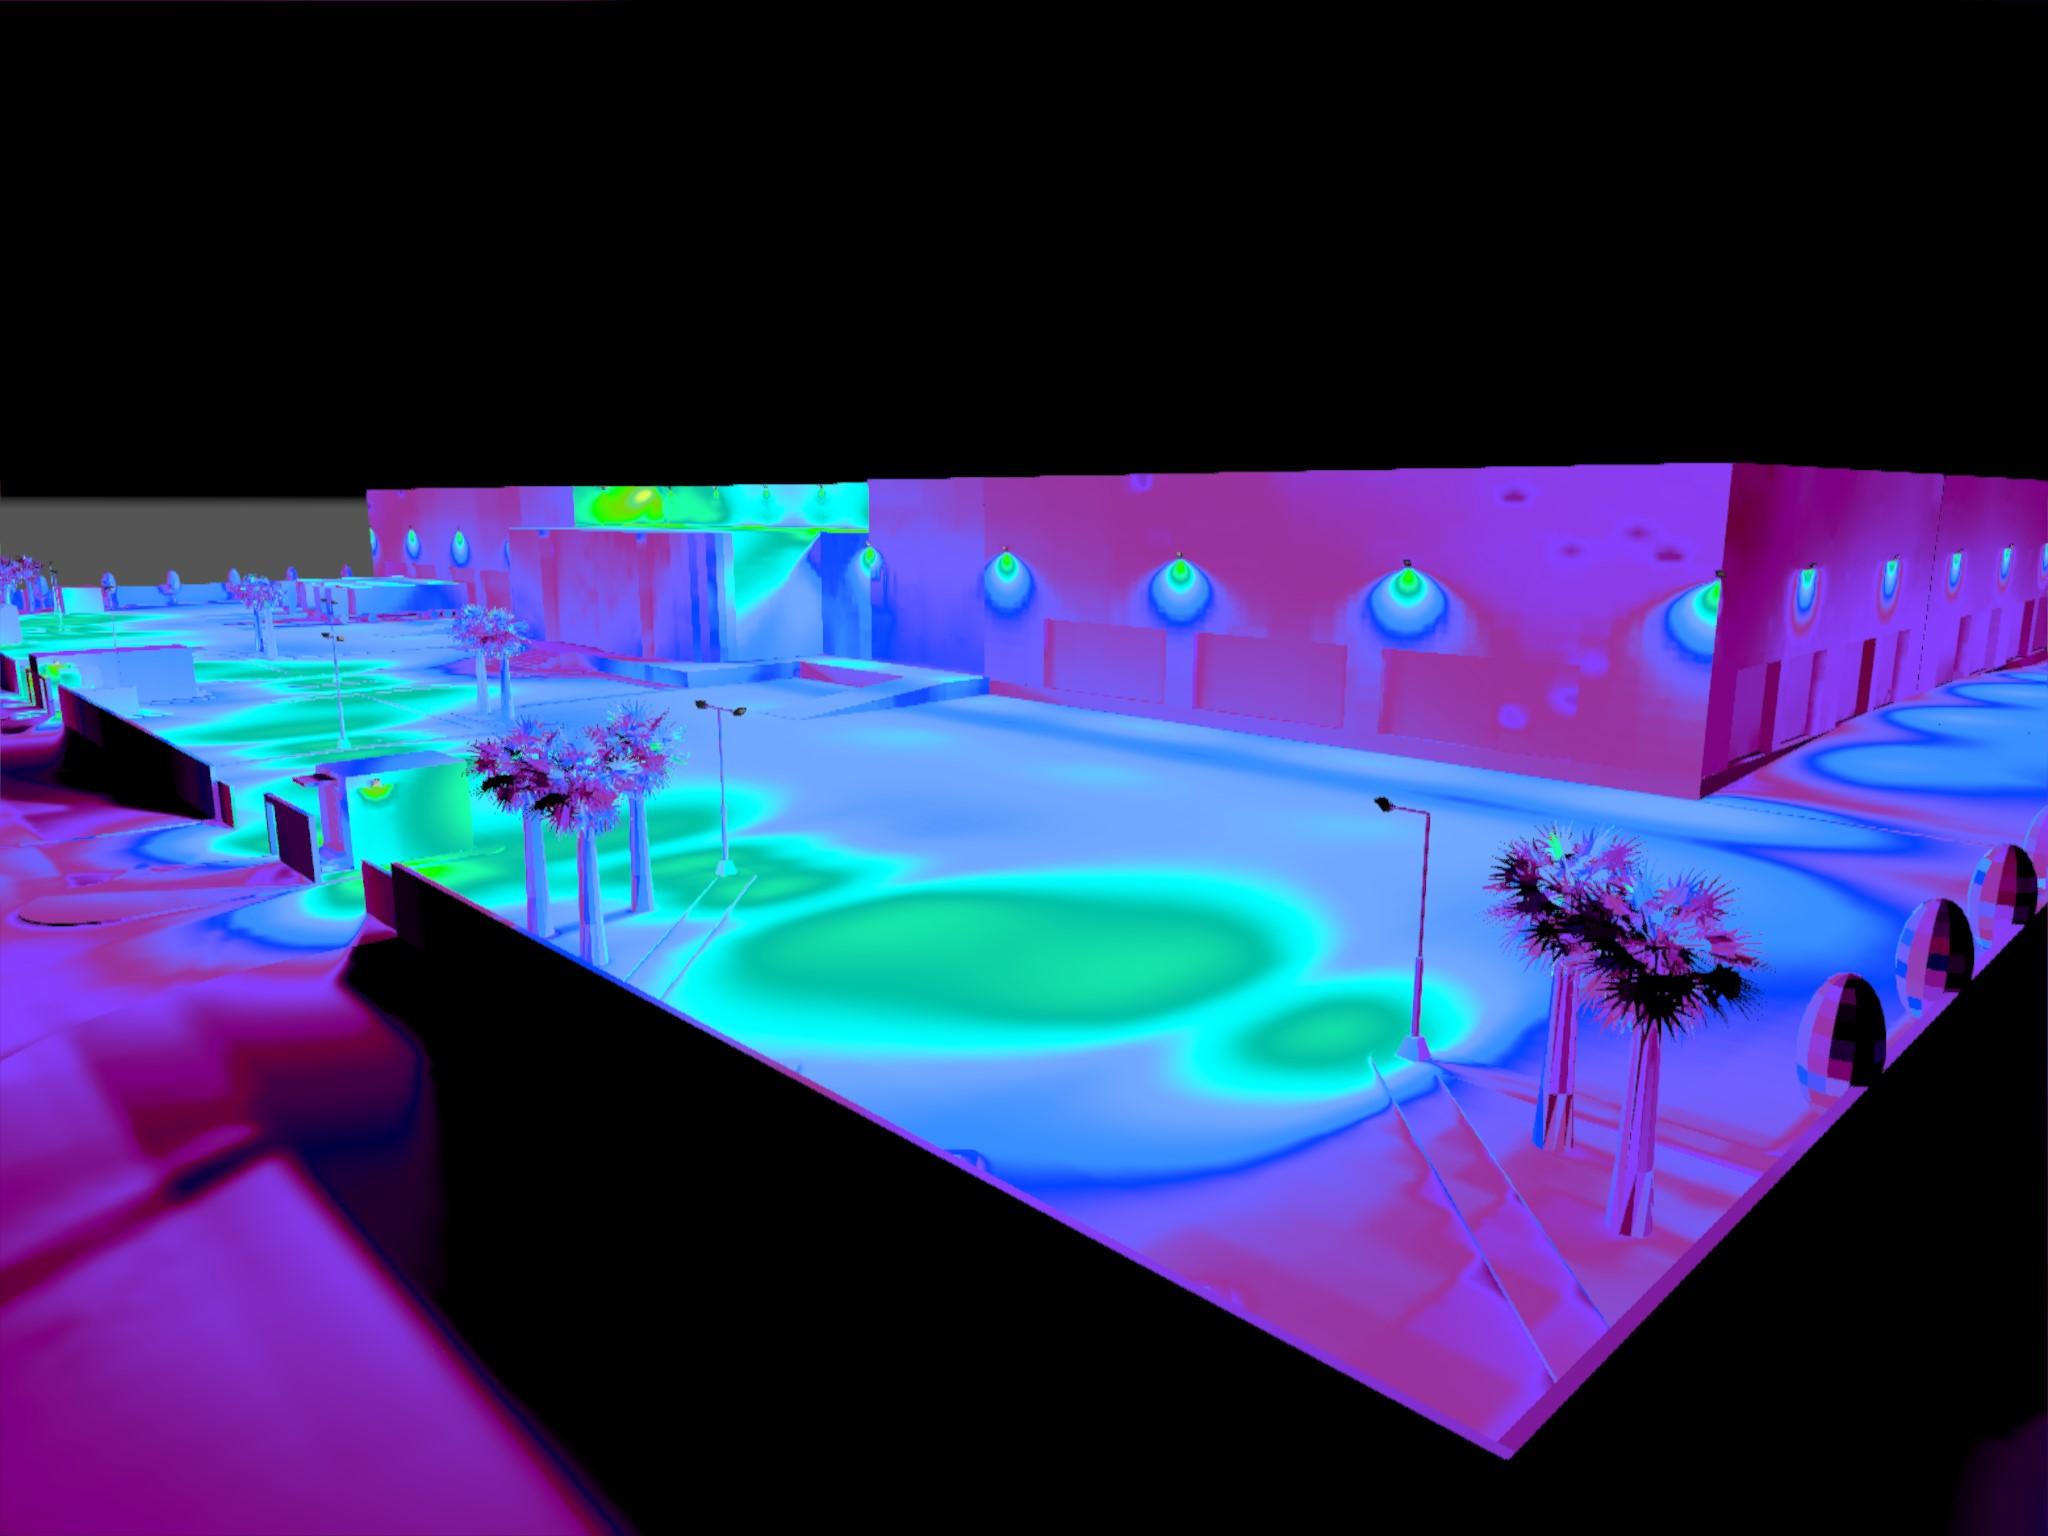 Dialux evo - Warehouse Design - Pseudo-color